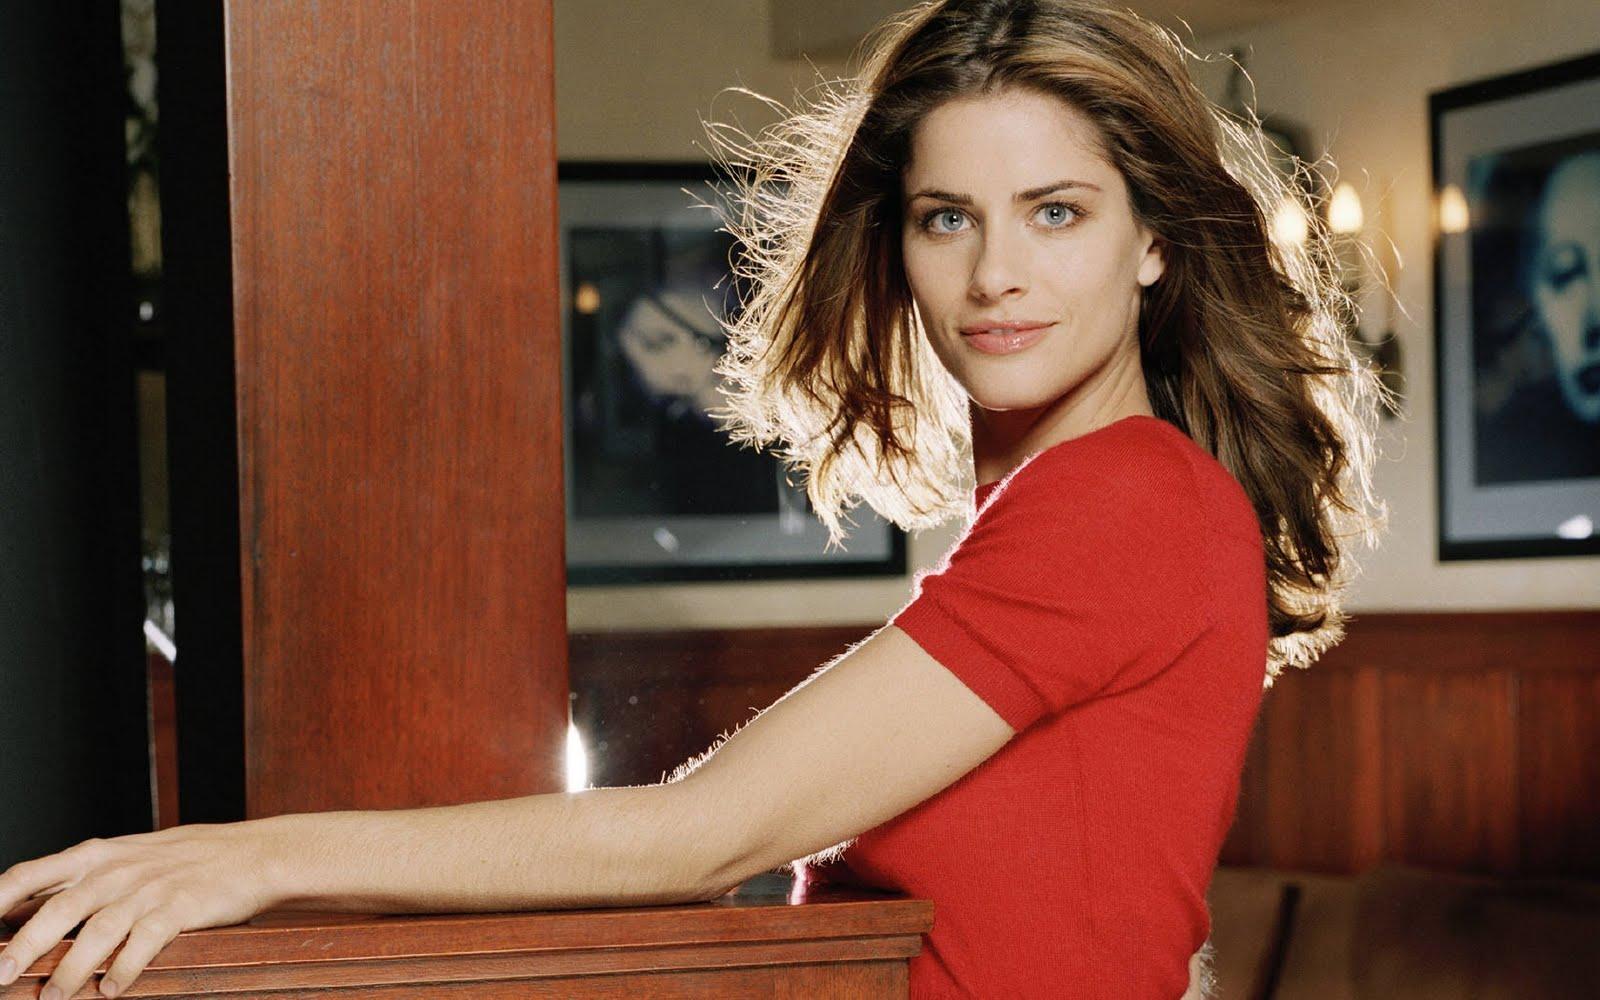 http://2.bp.blogspot.com/-h1Vg3UJTzt4/UHS9aeXQbNI/AAAAAAAAAn8/9dQxR5wVV8w/s1600/amanda-peet-red-shirt-wallpapers_16047_1680x1050.jpg